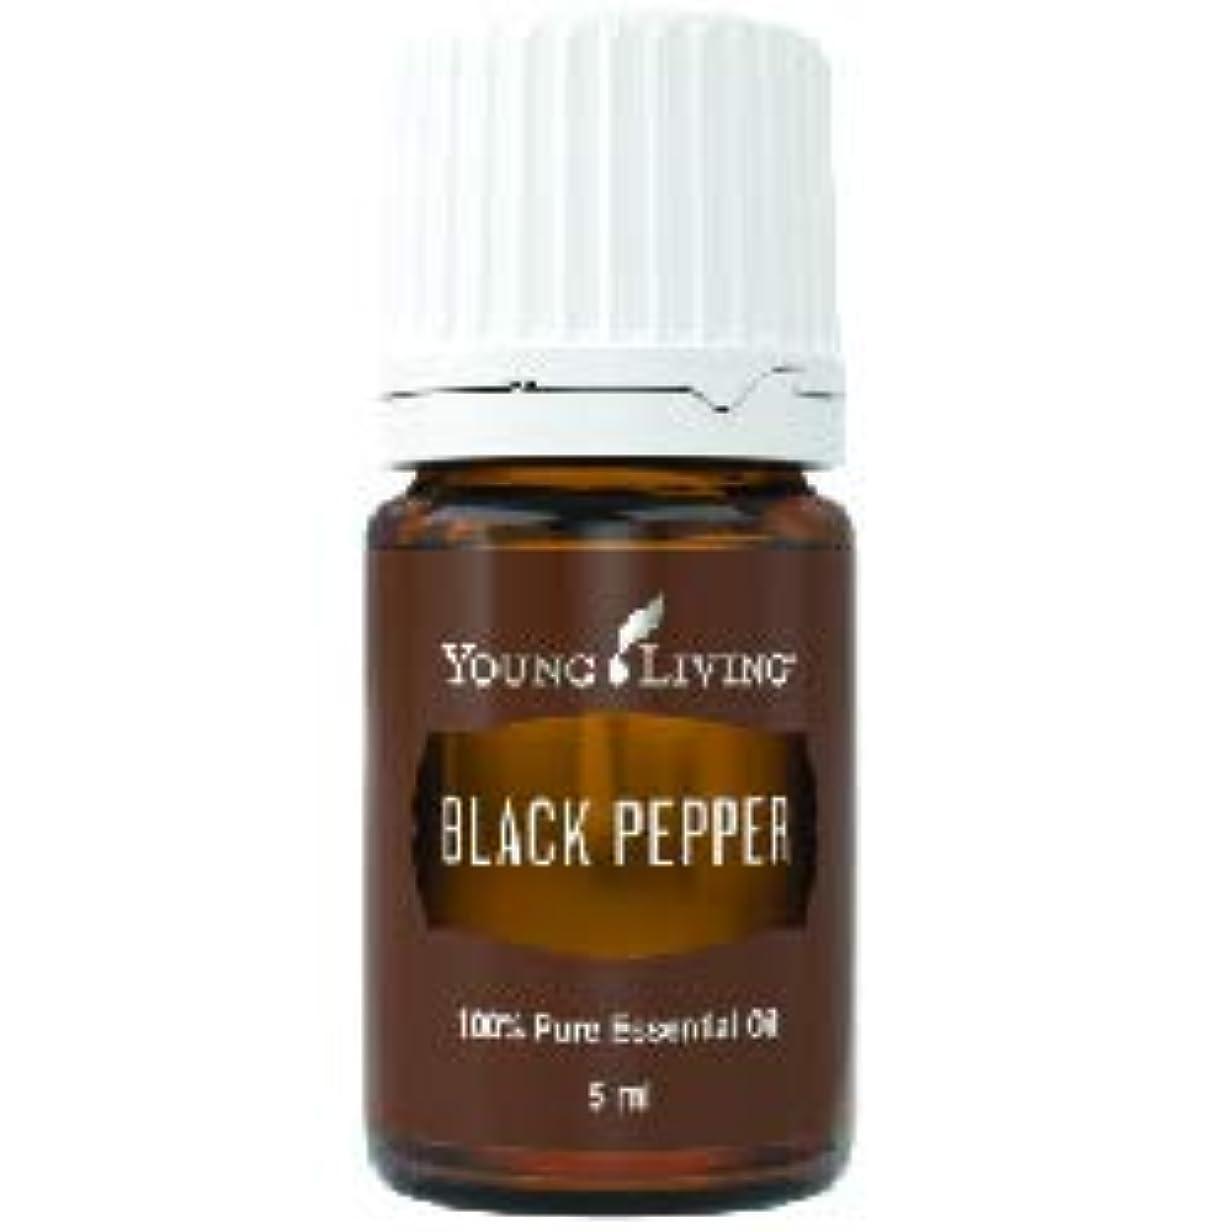 トムオードリースランドリー乗算ブラックペッパーエッセンシャルオイル 5 ml byヤングリビングエッセンシャルオイルマレーシア Black Pepper Essential Oil 5 ml by Young Living Essential Oil...